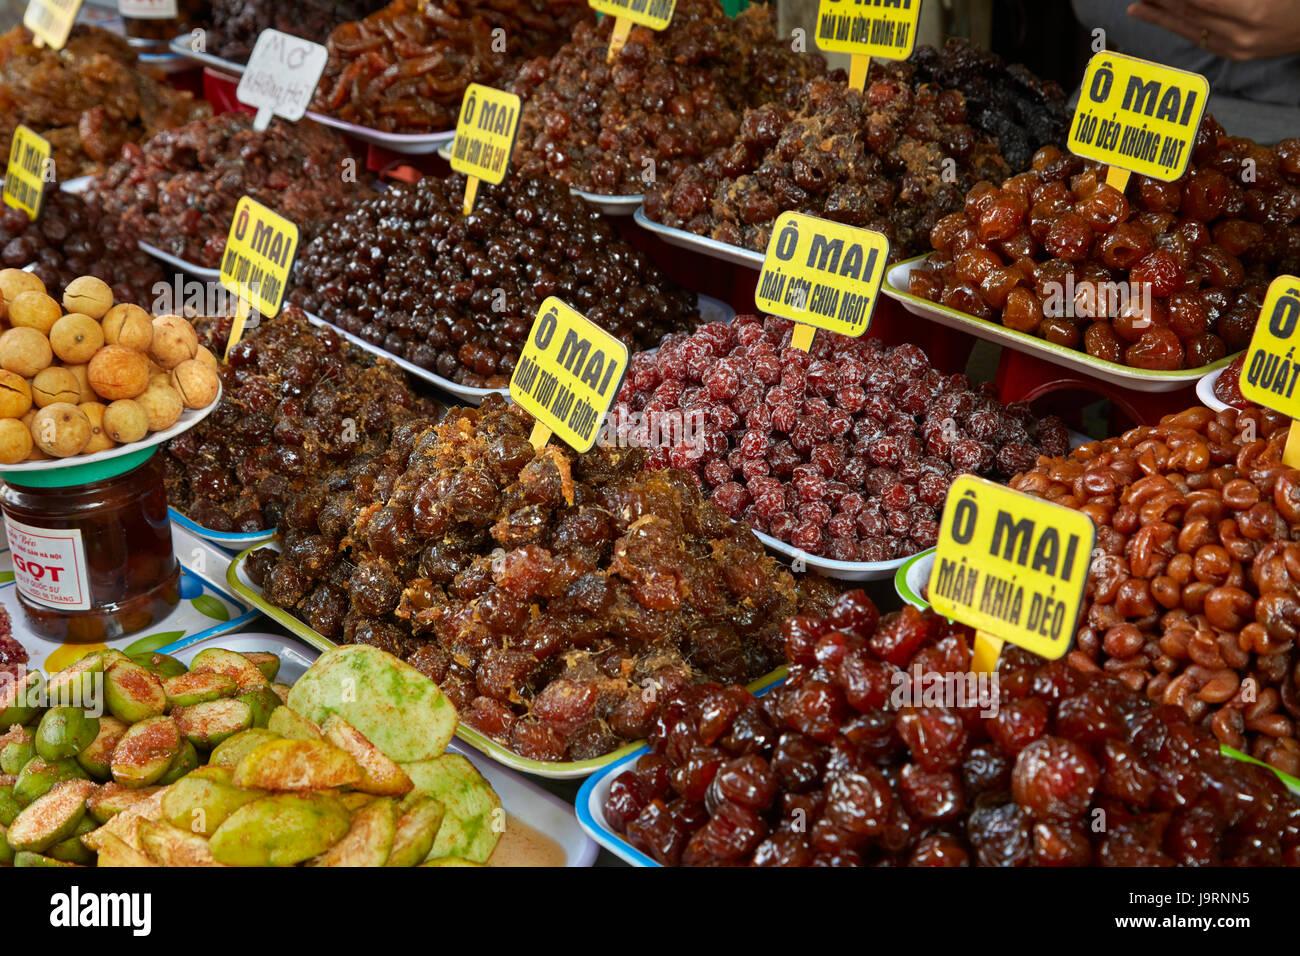 Sticky fruit stall, Old Quarter, Hanoi, Vietnam - Stock Image